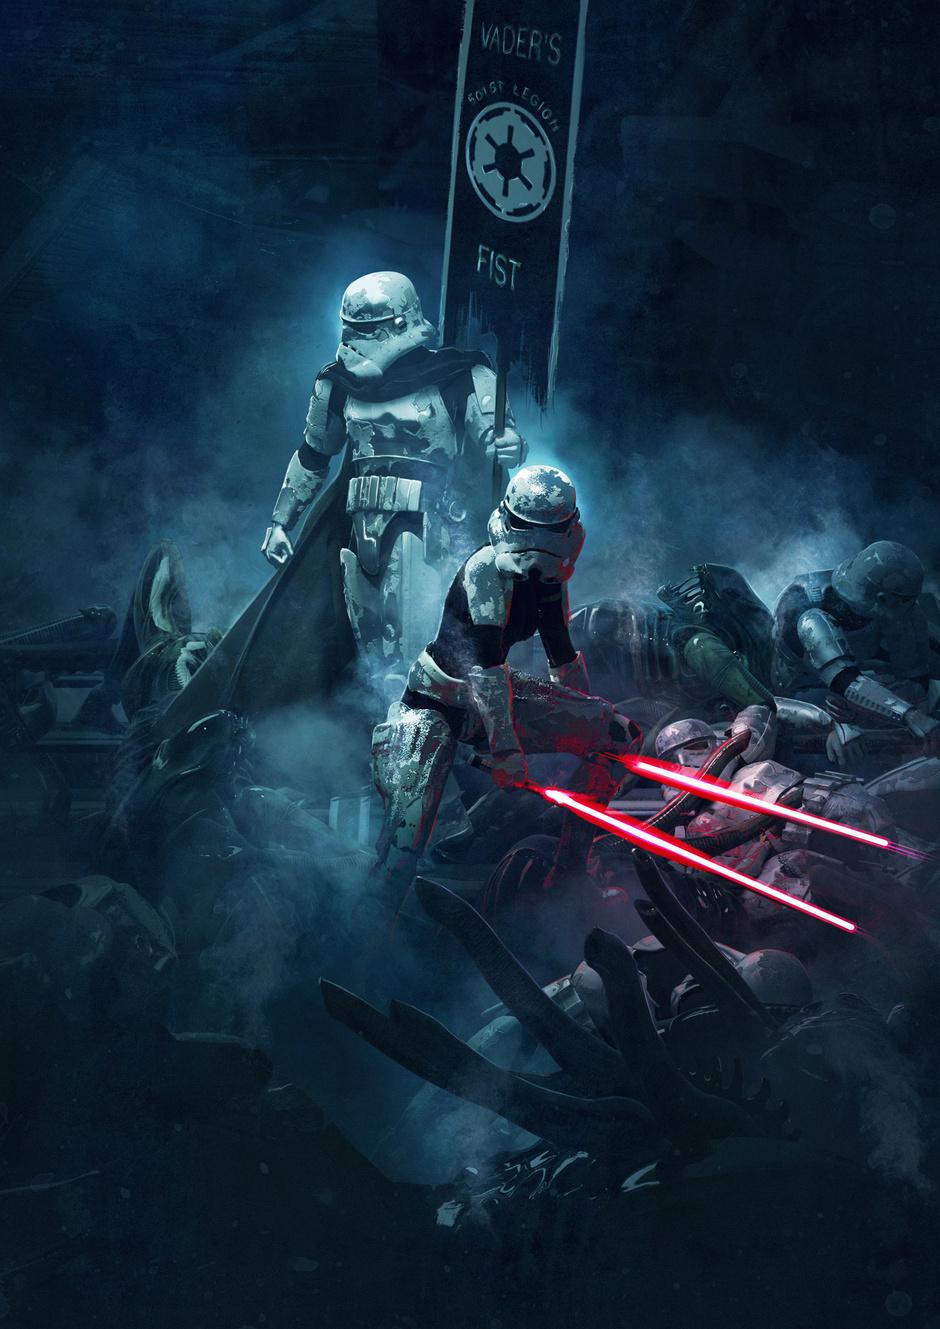 星球大战帝国进行曲谱子-星际大战粉丝一定要看 不一样的CG图片